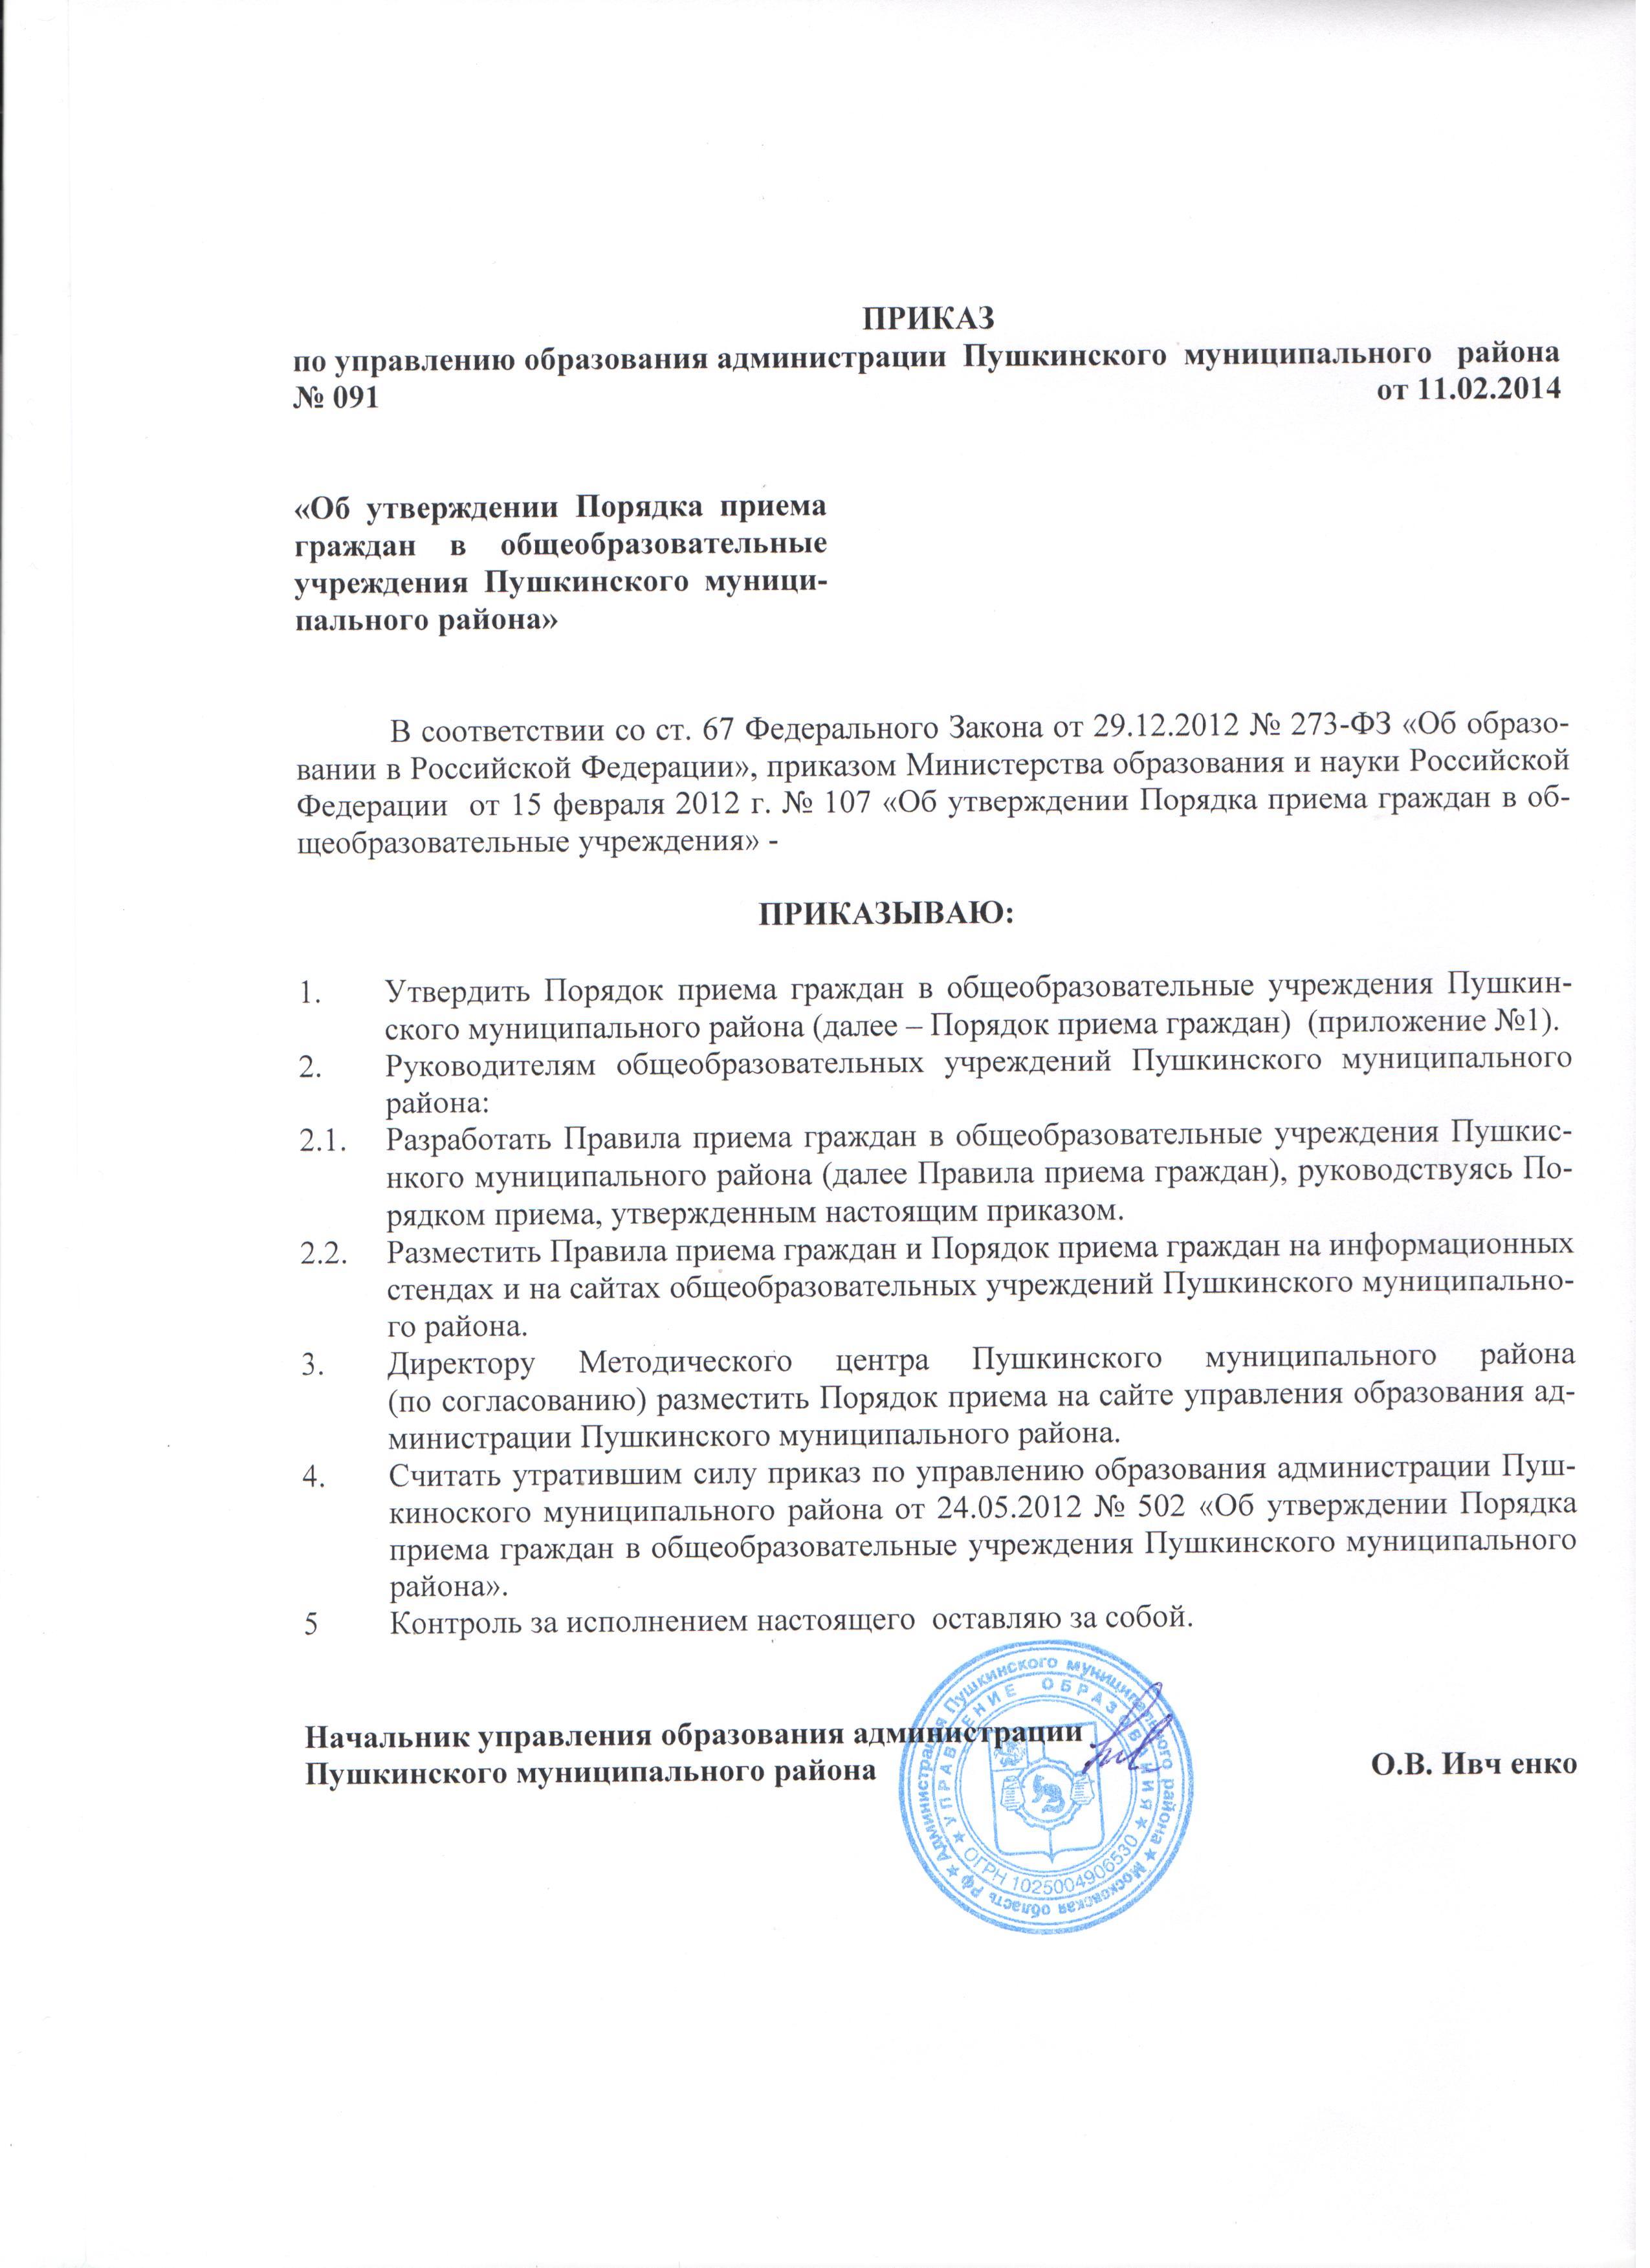 бланк справки № 4н приложение №1